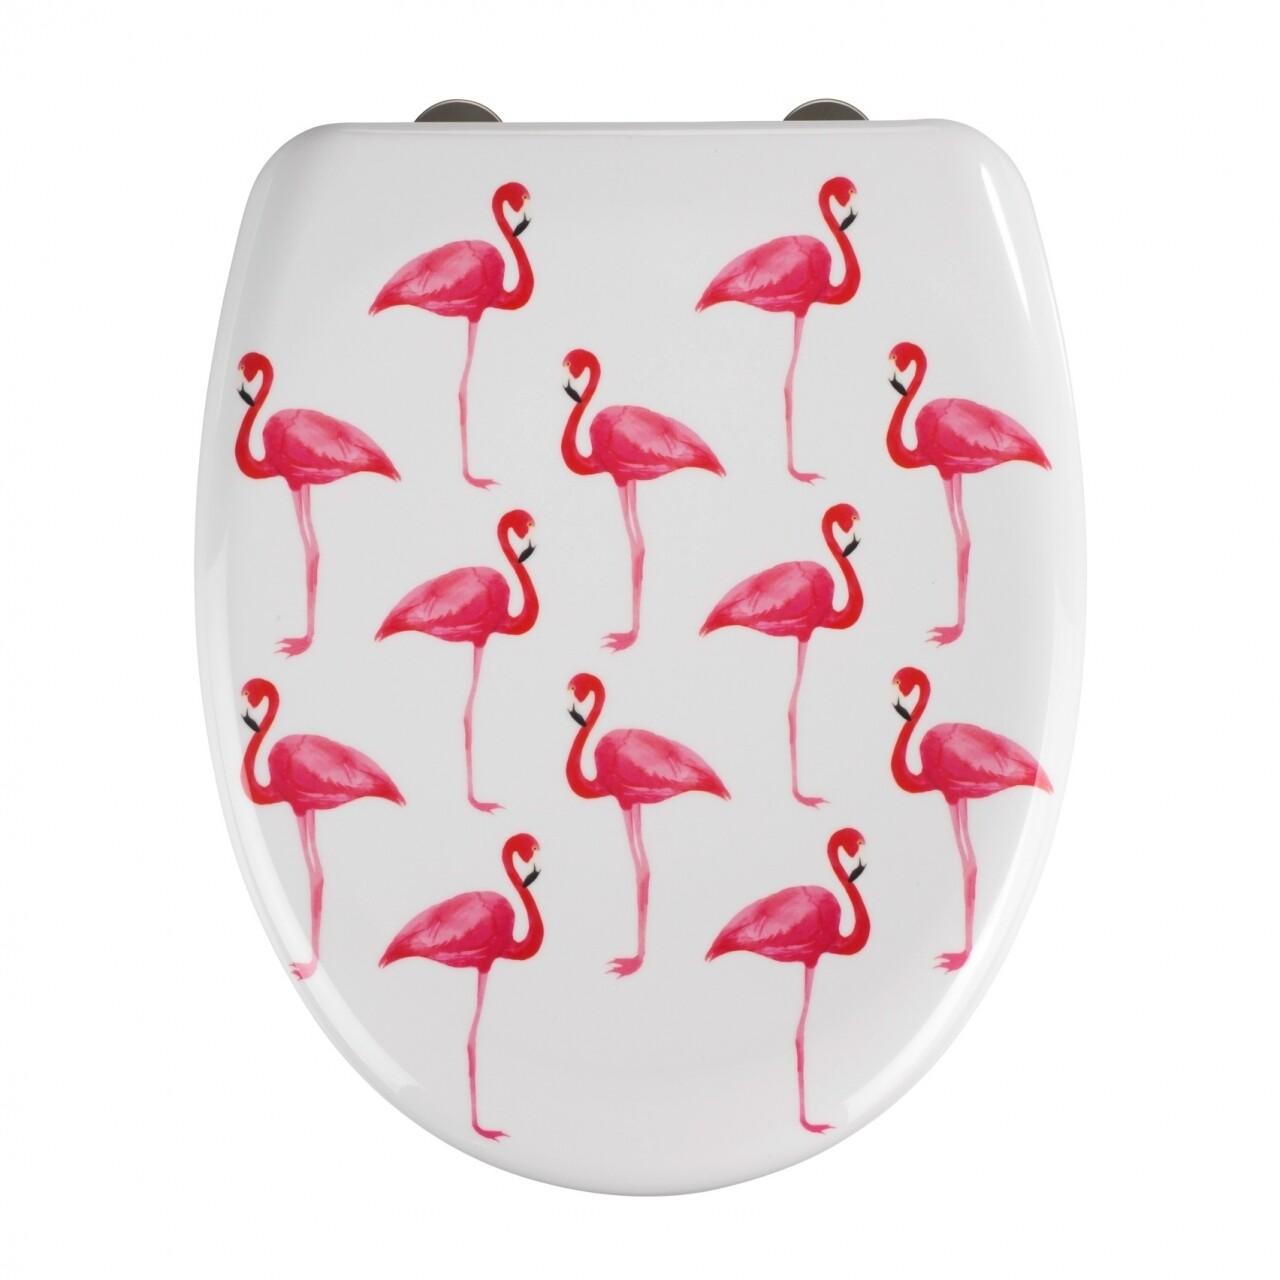 Capac de toaleta cu sistem automat de coborare Flamingo, Wenko, 45 x 38 cm, duroplast, alb/roz